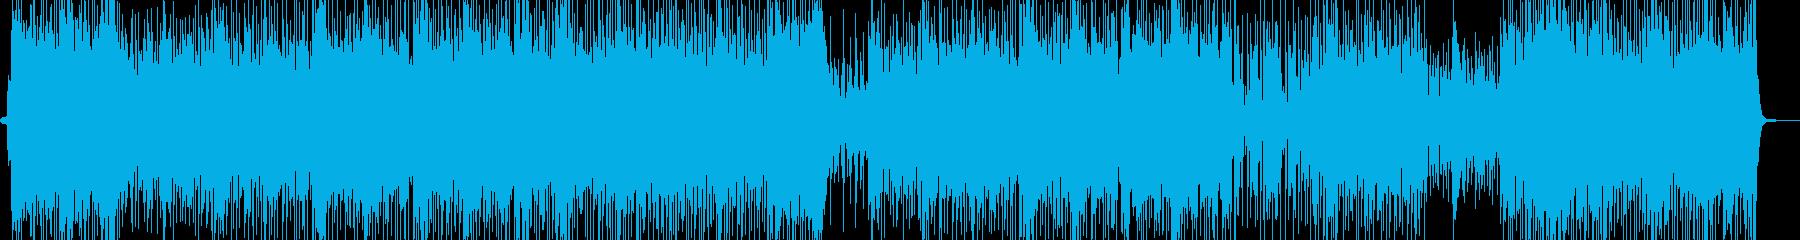 エスニックでトロピカルなレゲェポップの再生済みの波形